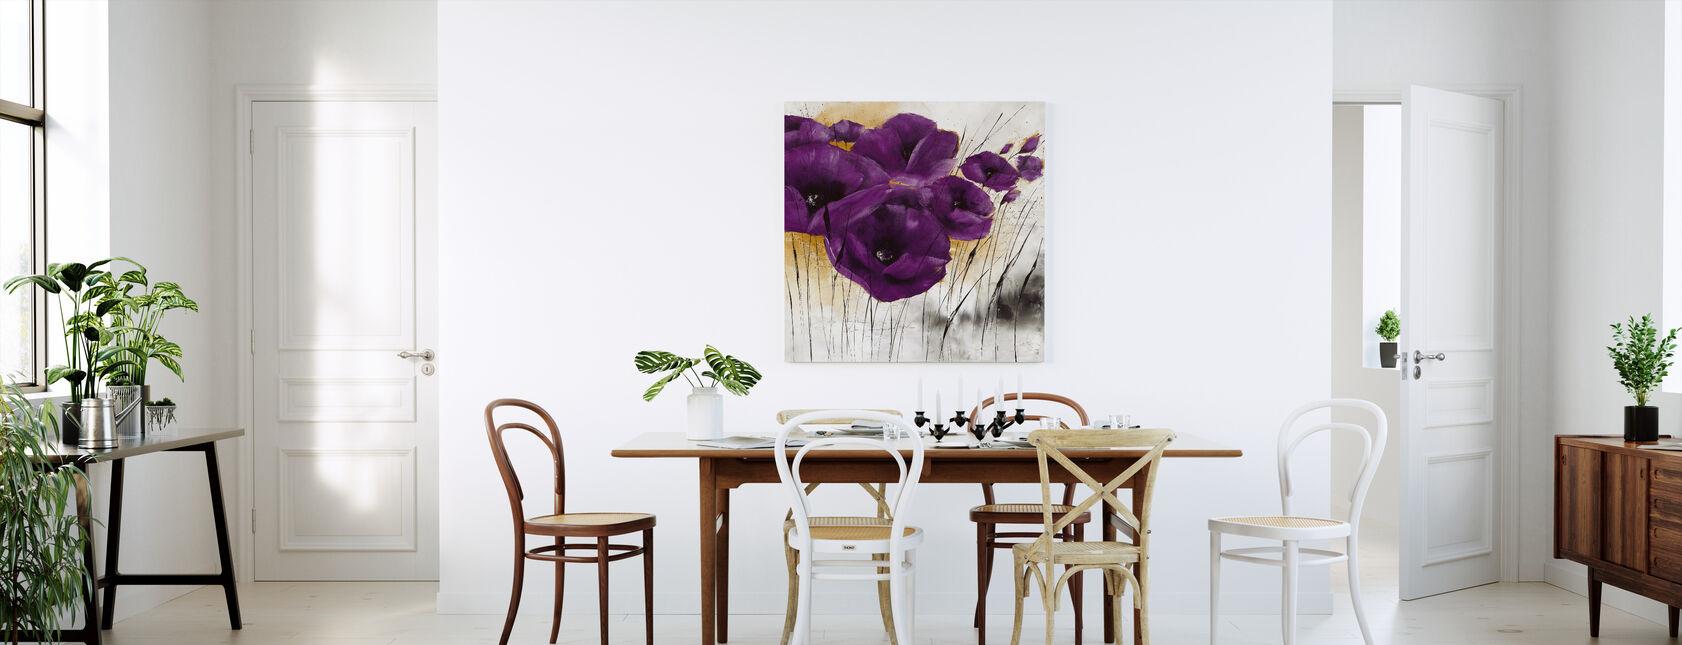 Pavot violetti IV - Canvastaulu - Keittiö